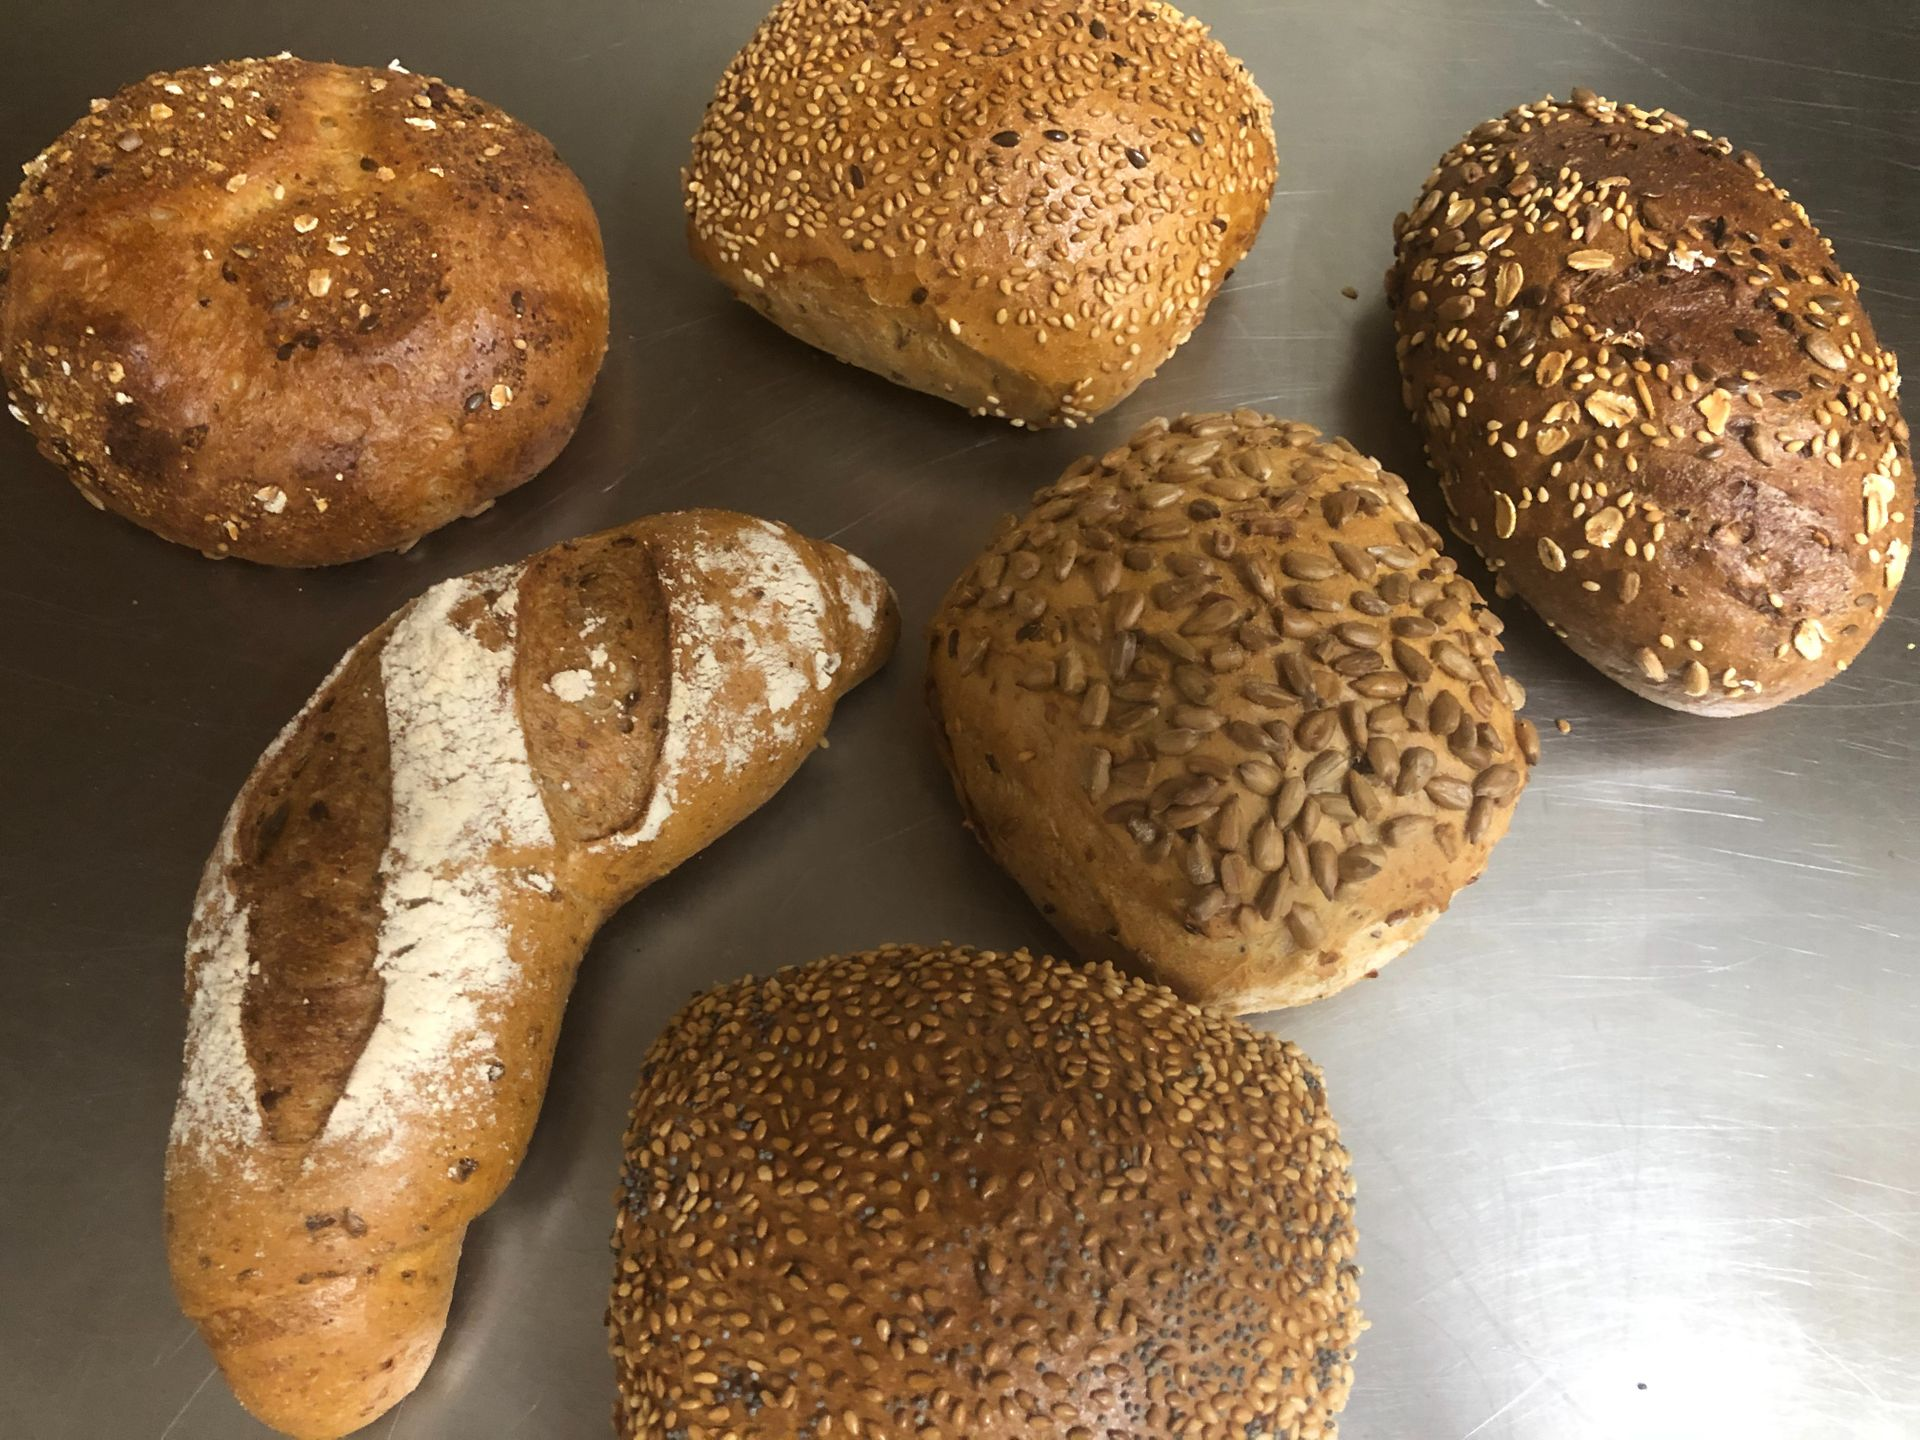 Herzlich Willkommen bei der Bäckerei Wensing in